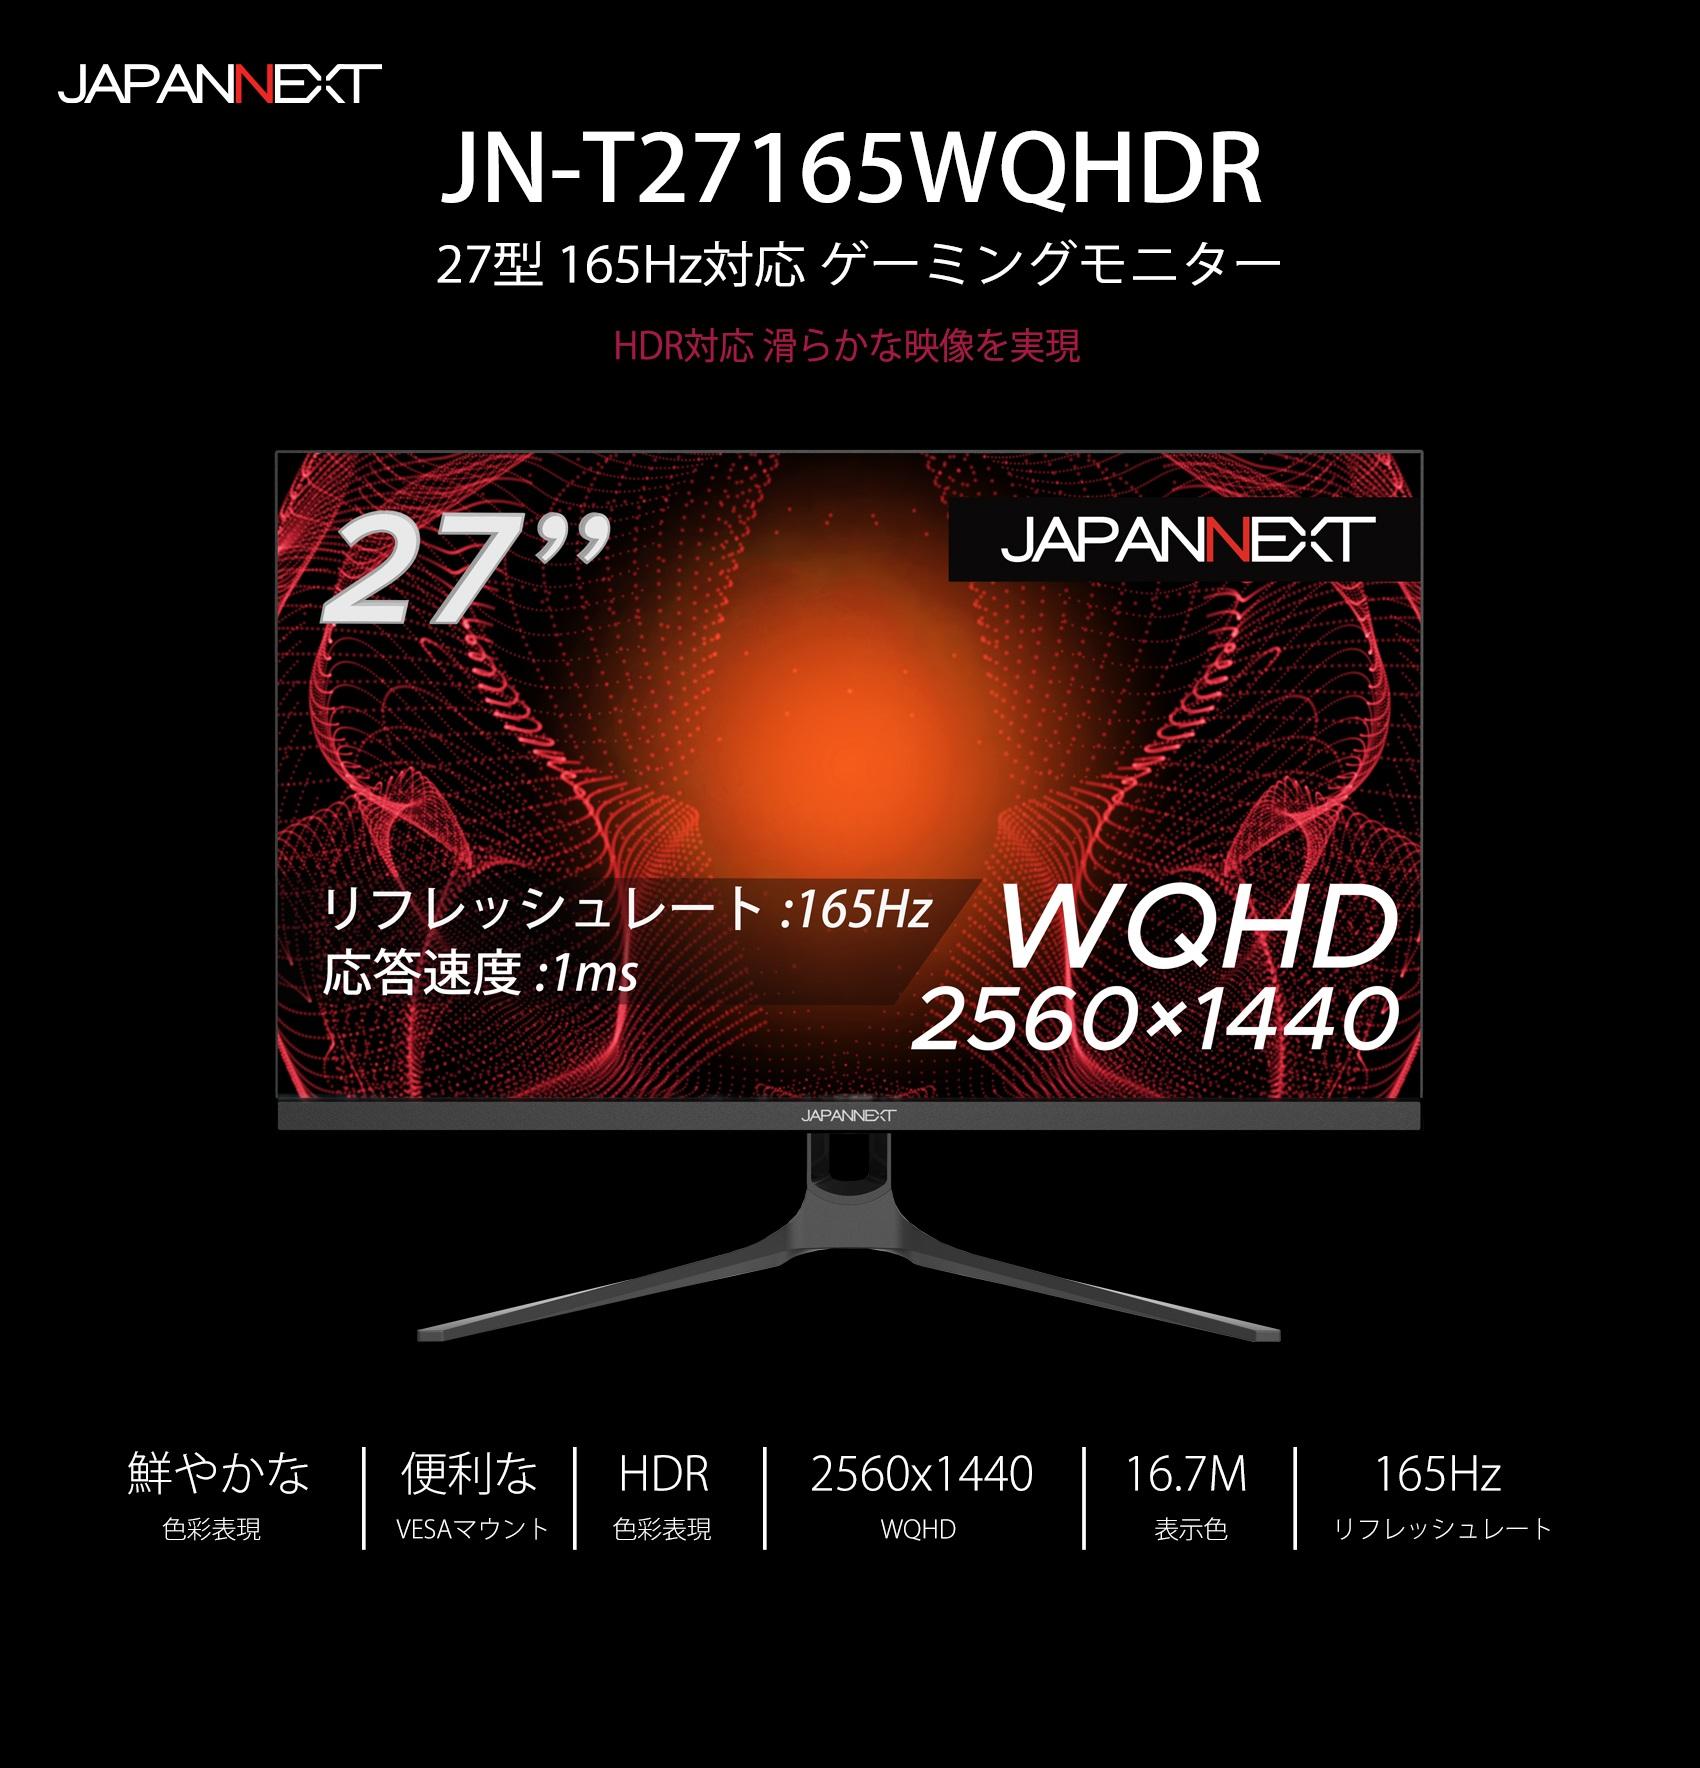 JN-T27165WQHDRを購入したのでレビュー的な